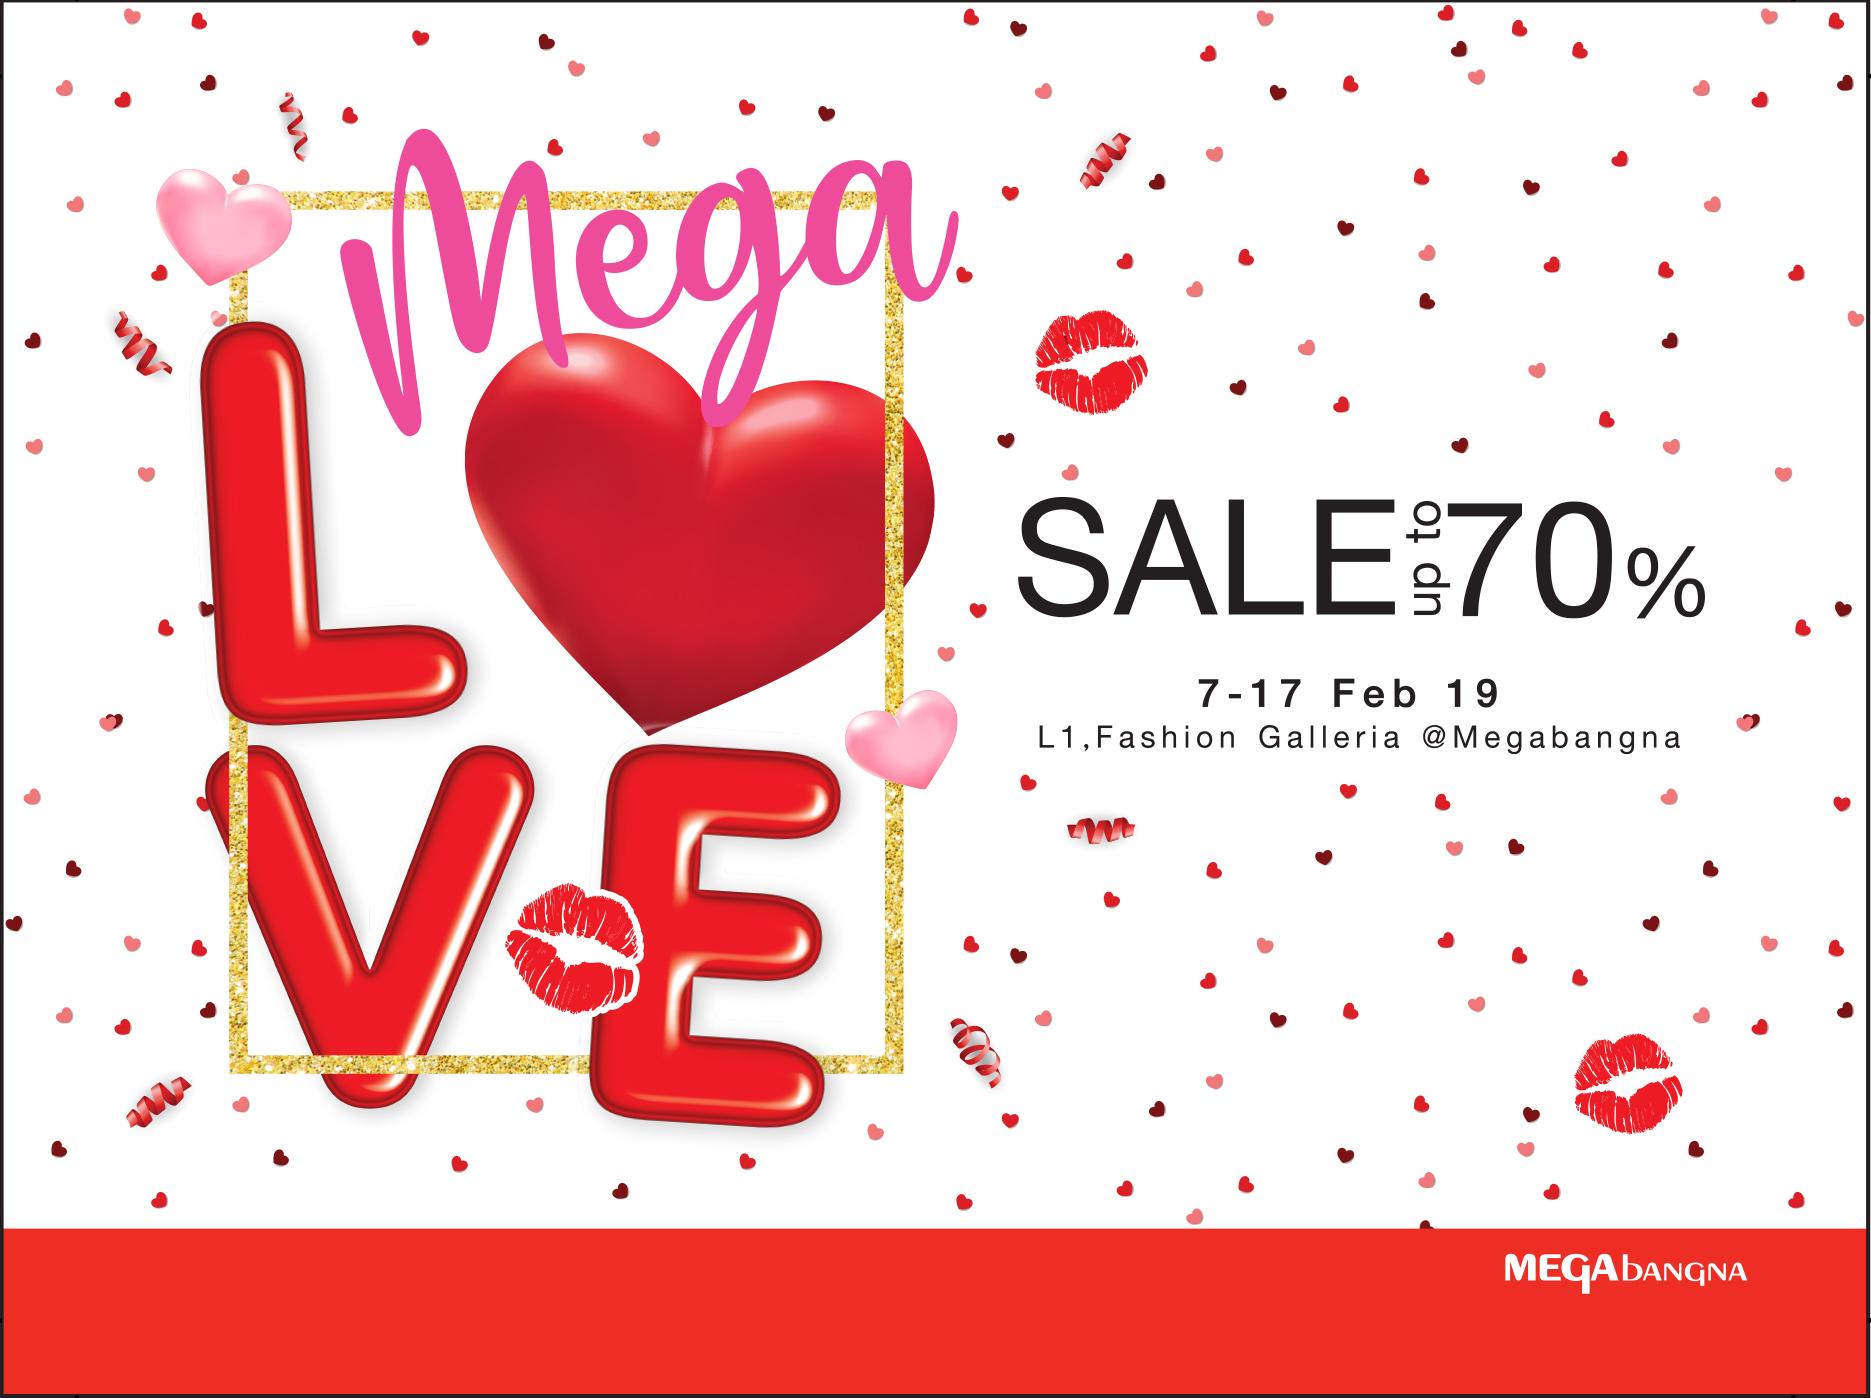 """เติมความรักให้กัน ต้อนรับเทศกาลวาเลนไทน์  ในงาน """"เมกา เลิฟ เซลล์"""" (Mega Love Sale) ลดสูงสุดถึง 70%  ระหว่างวันที่ 7 – 17 กุมภาพันธ์ 2562 13 - Mega Love Sale"""